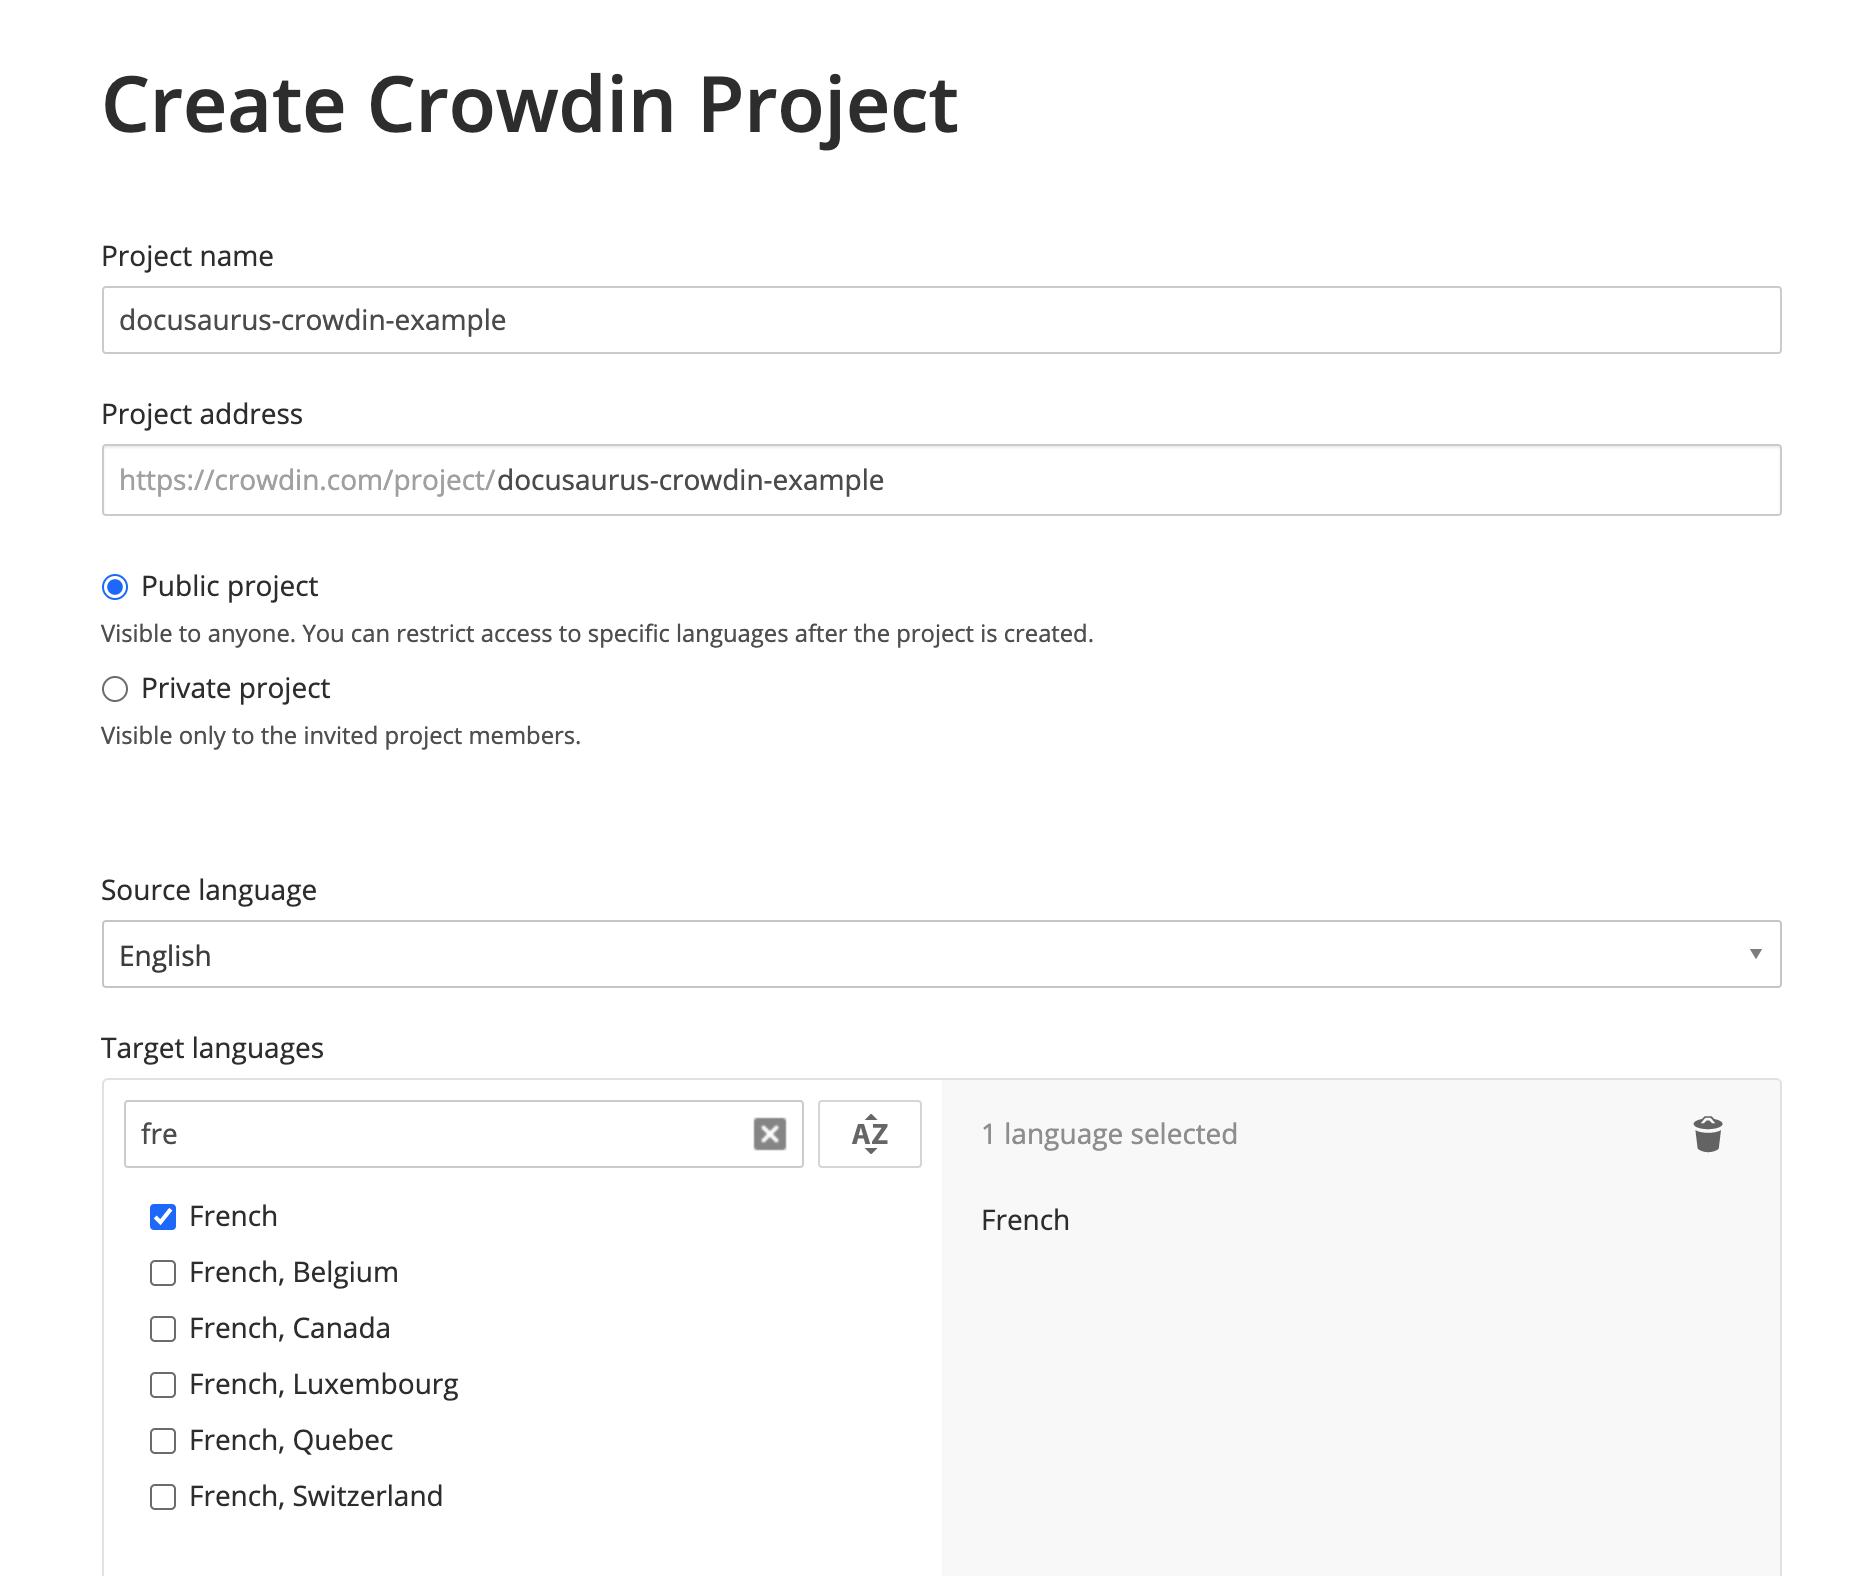 Crie um projeto Crowdin com o inglês como idioma de origem e o francês como idioma de destino